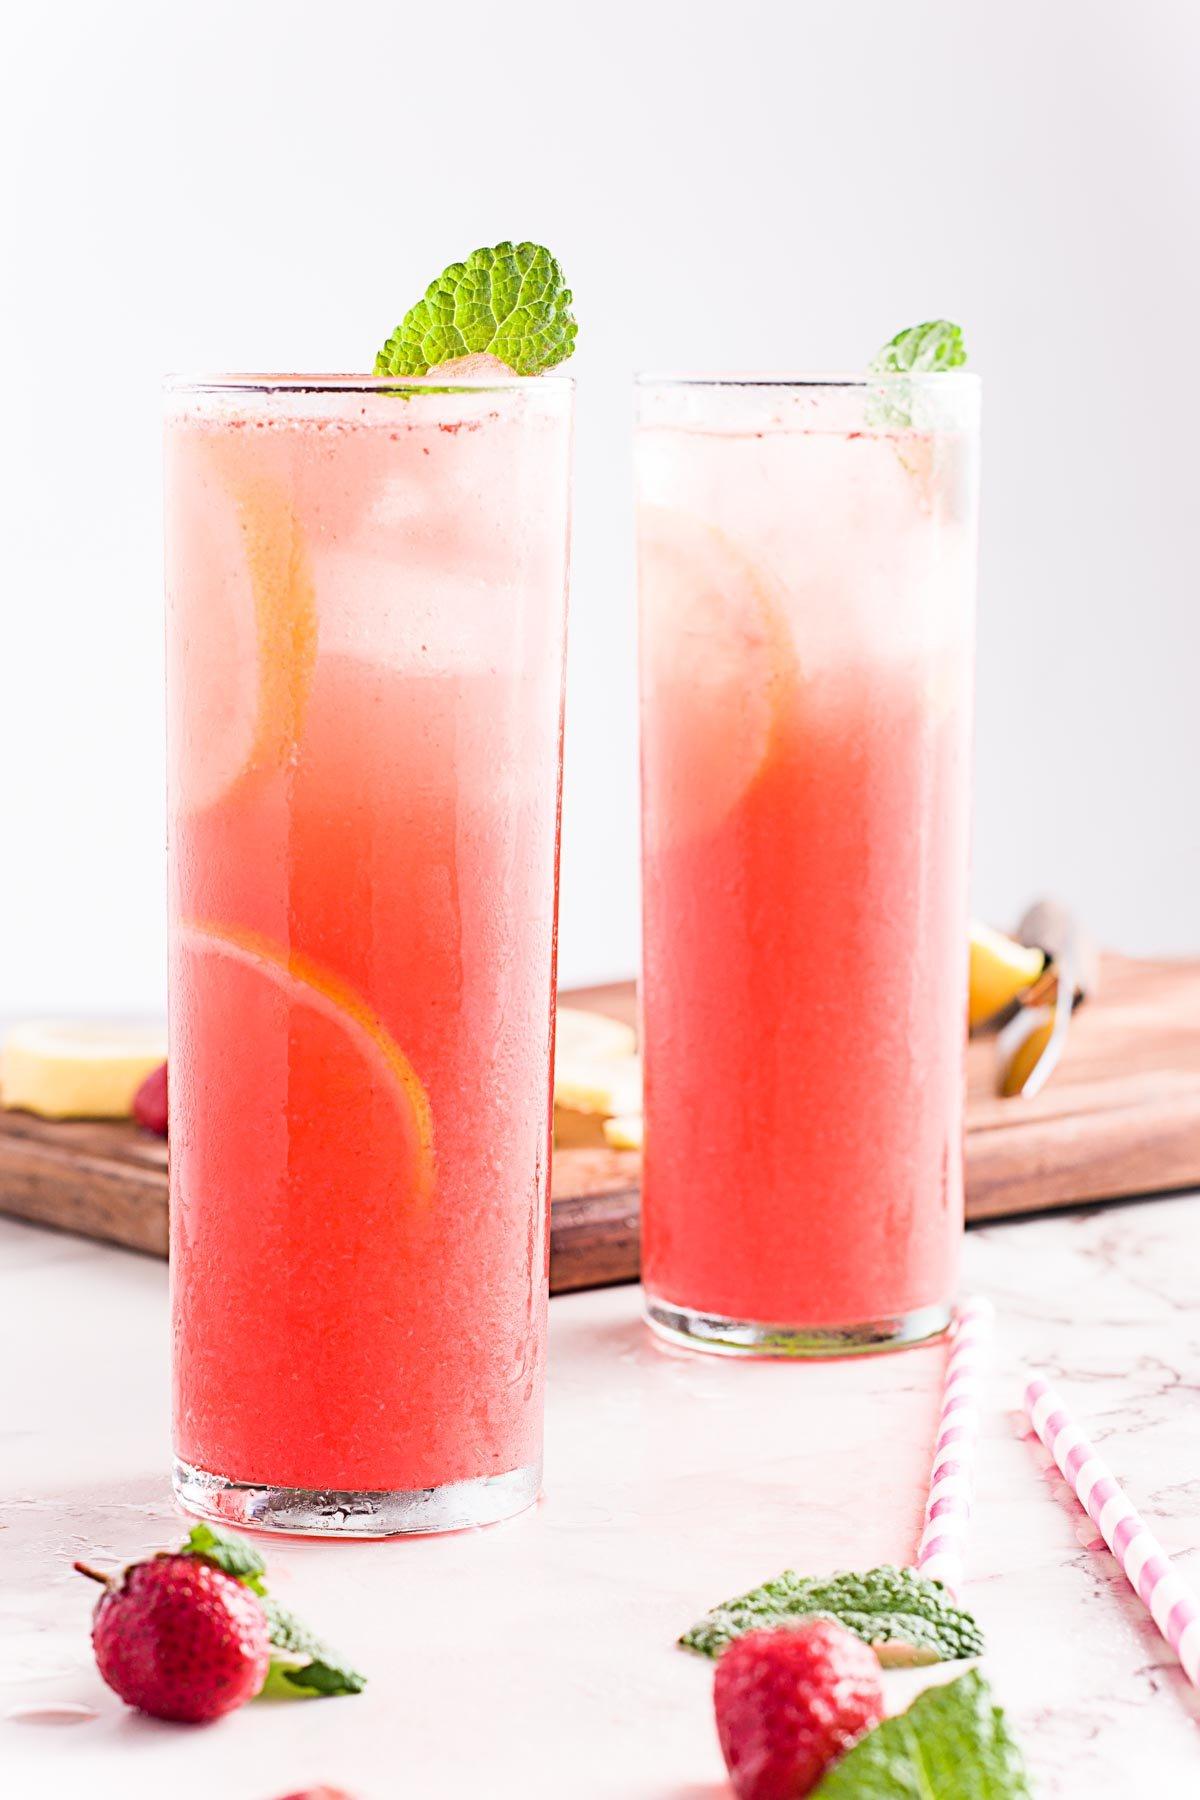 Two glasses of homemade strawberry lemonade